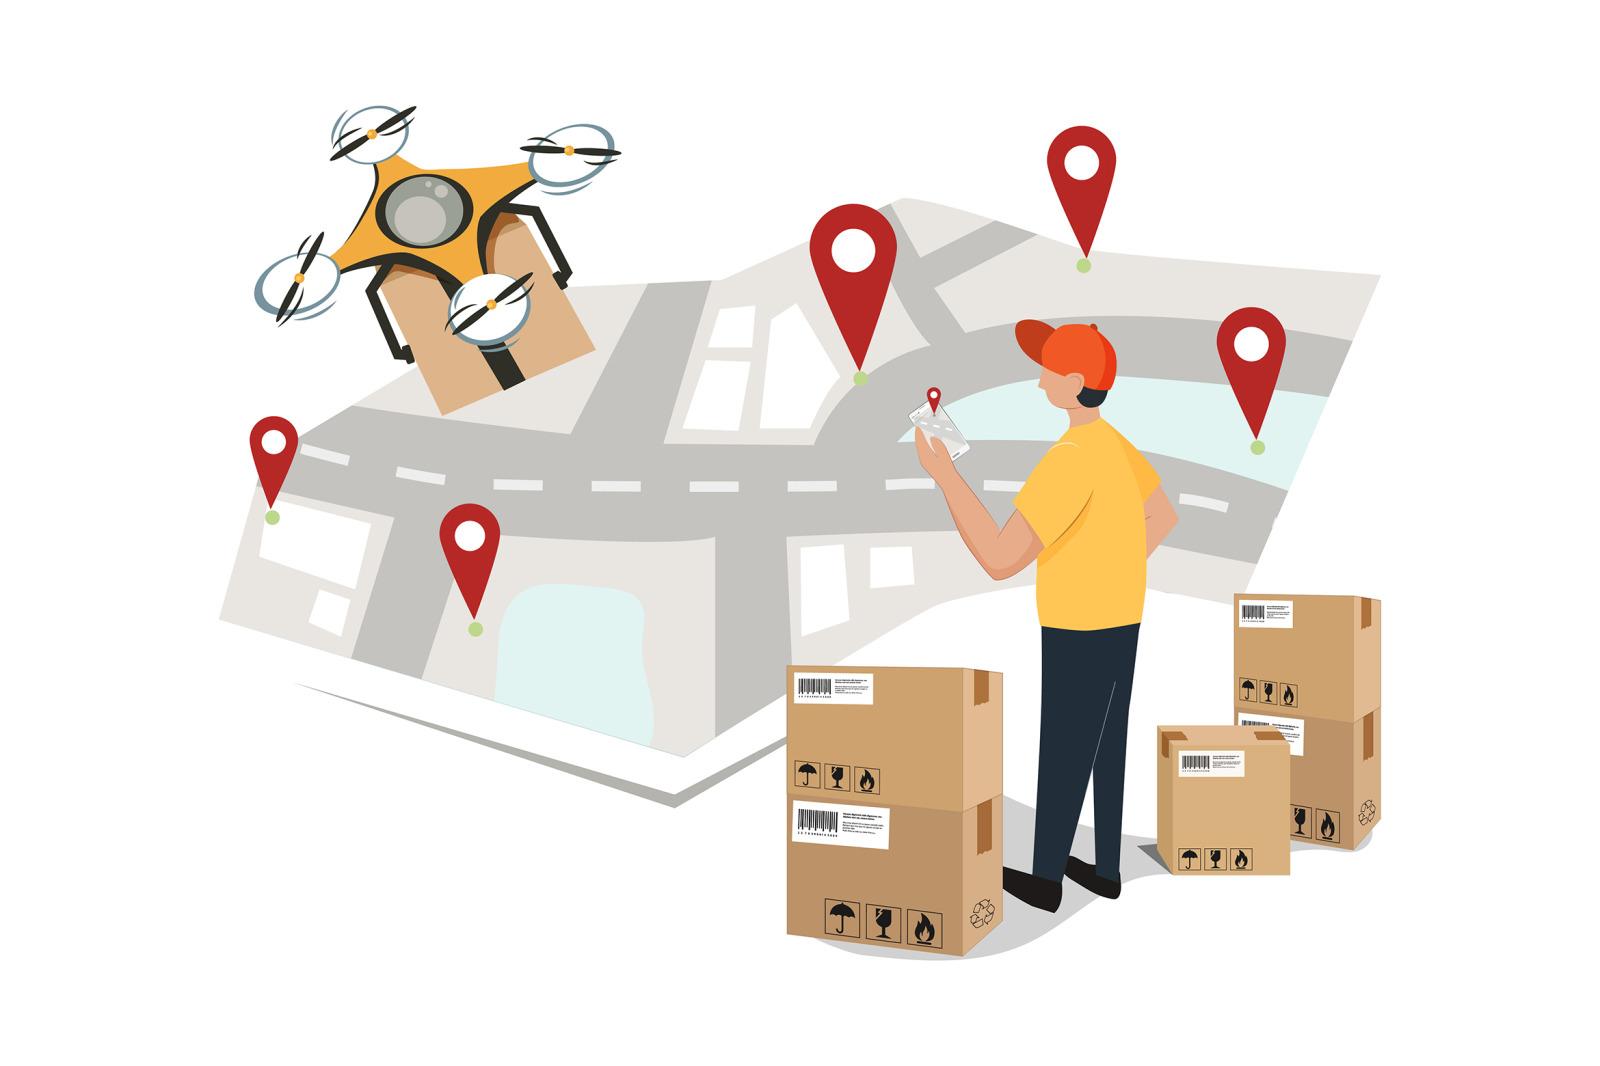 M92_Parcel Delivery Illustration